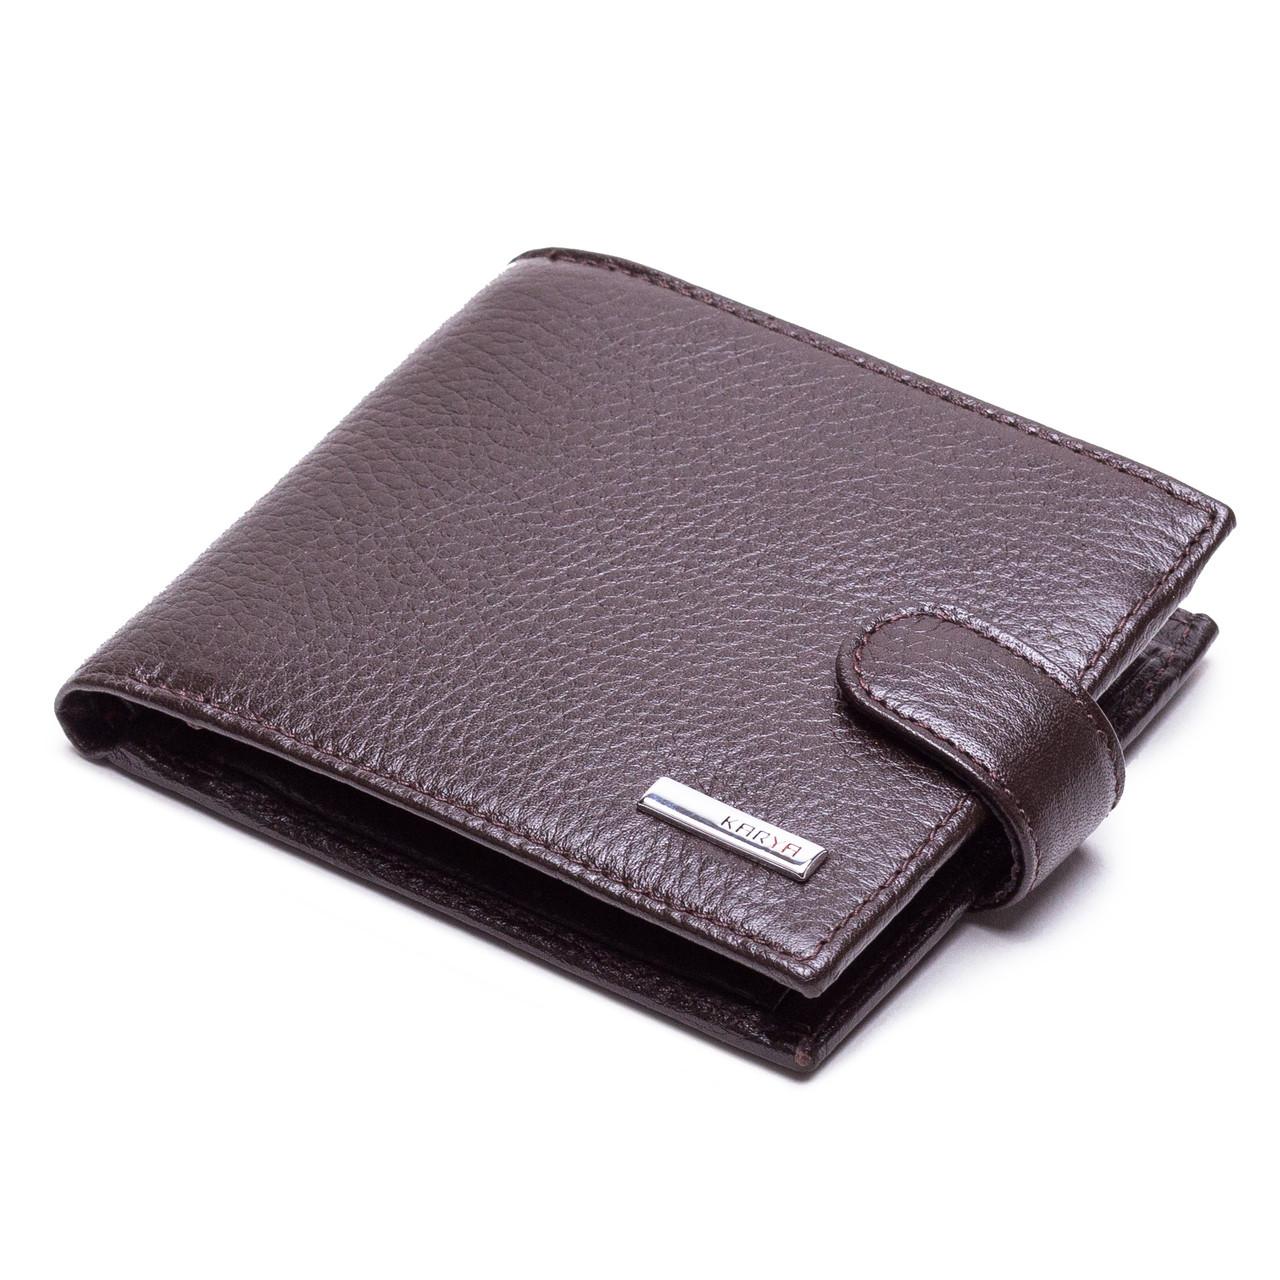 Мужской кошелек кожаный коричневый Karya 0431-39